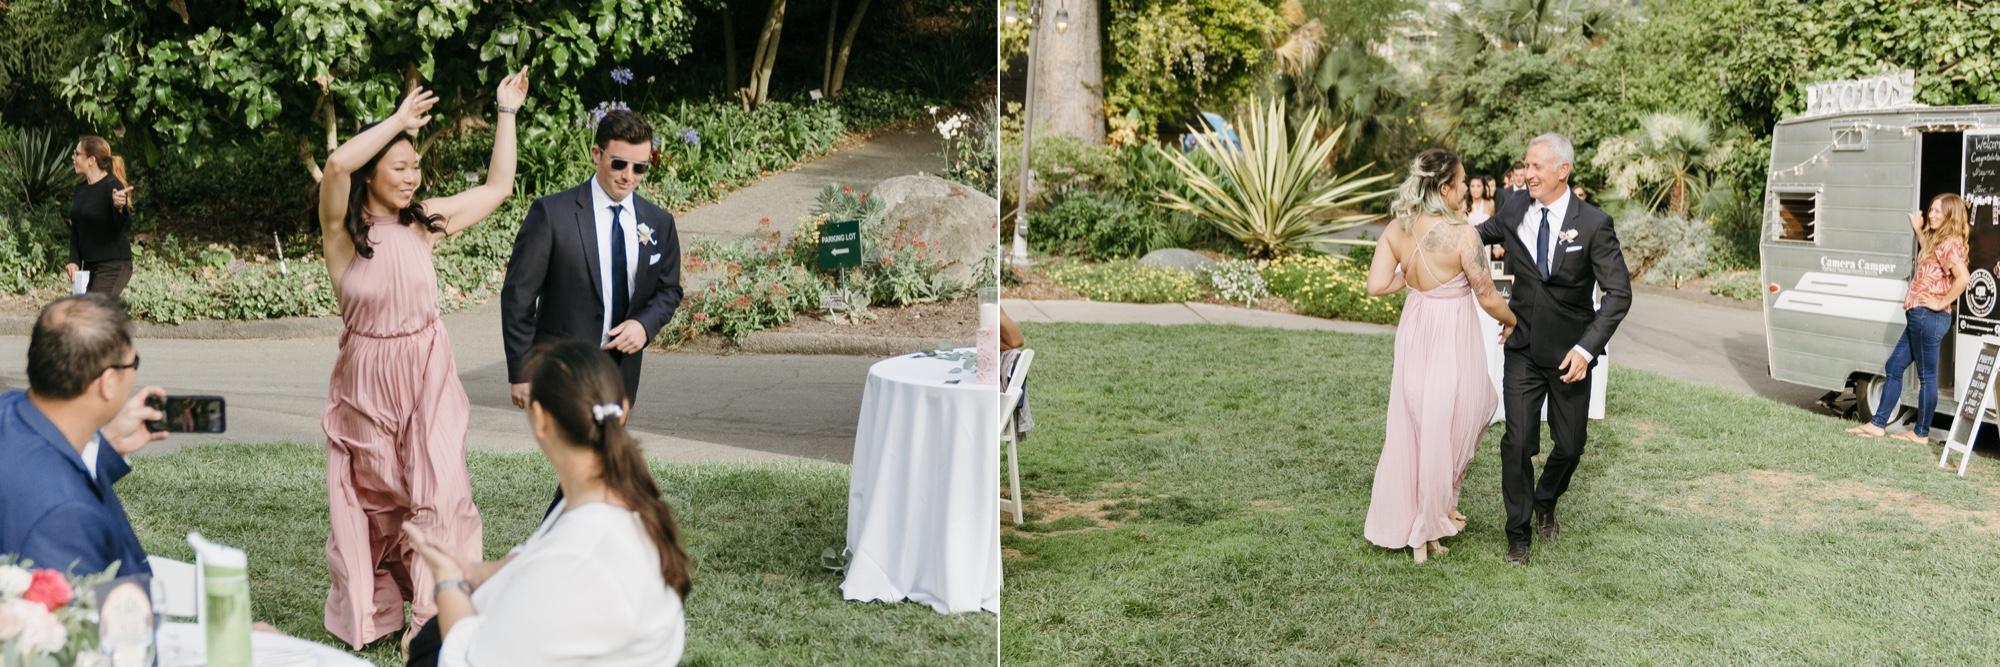 060_Shawna and Steve's Wedding-385_Shawna and Steve's Wedding-393.jpg